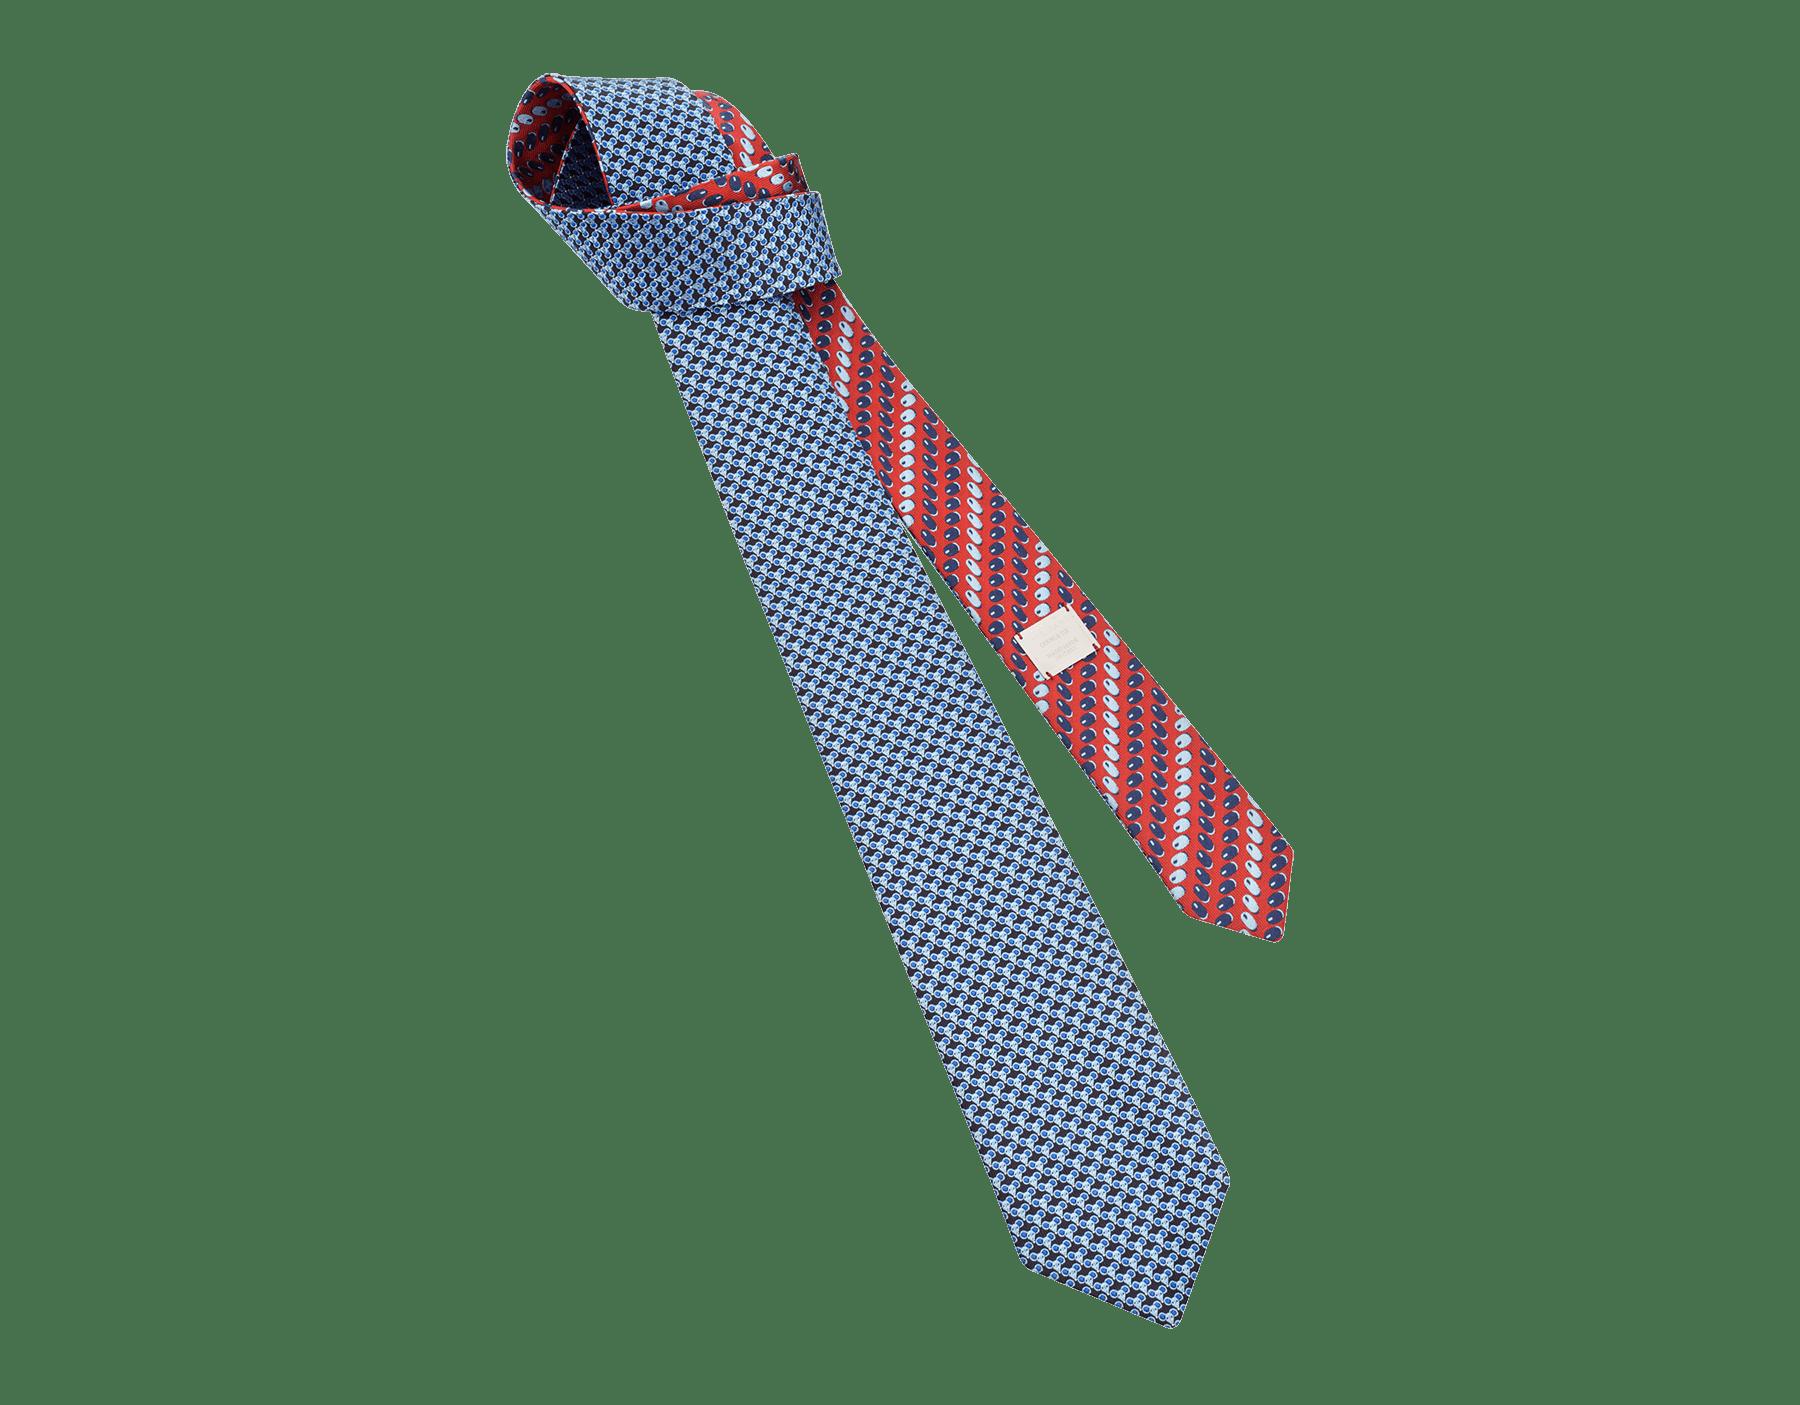 「Double Click」柄があしらわれたブルーのタイ。上質なシルク製。 244108 image 1